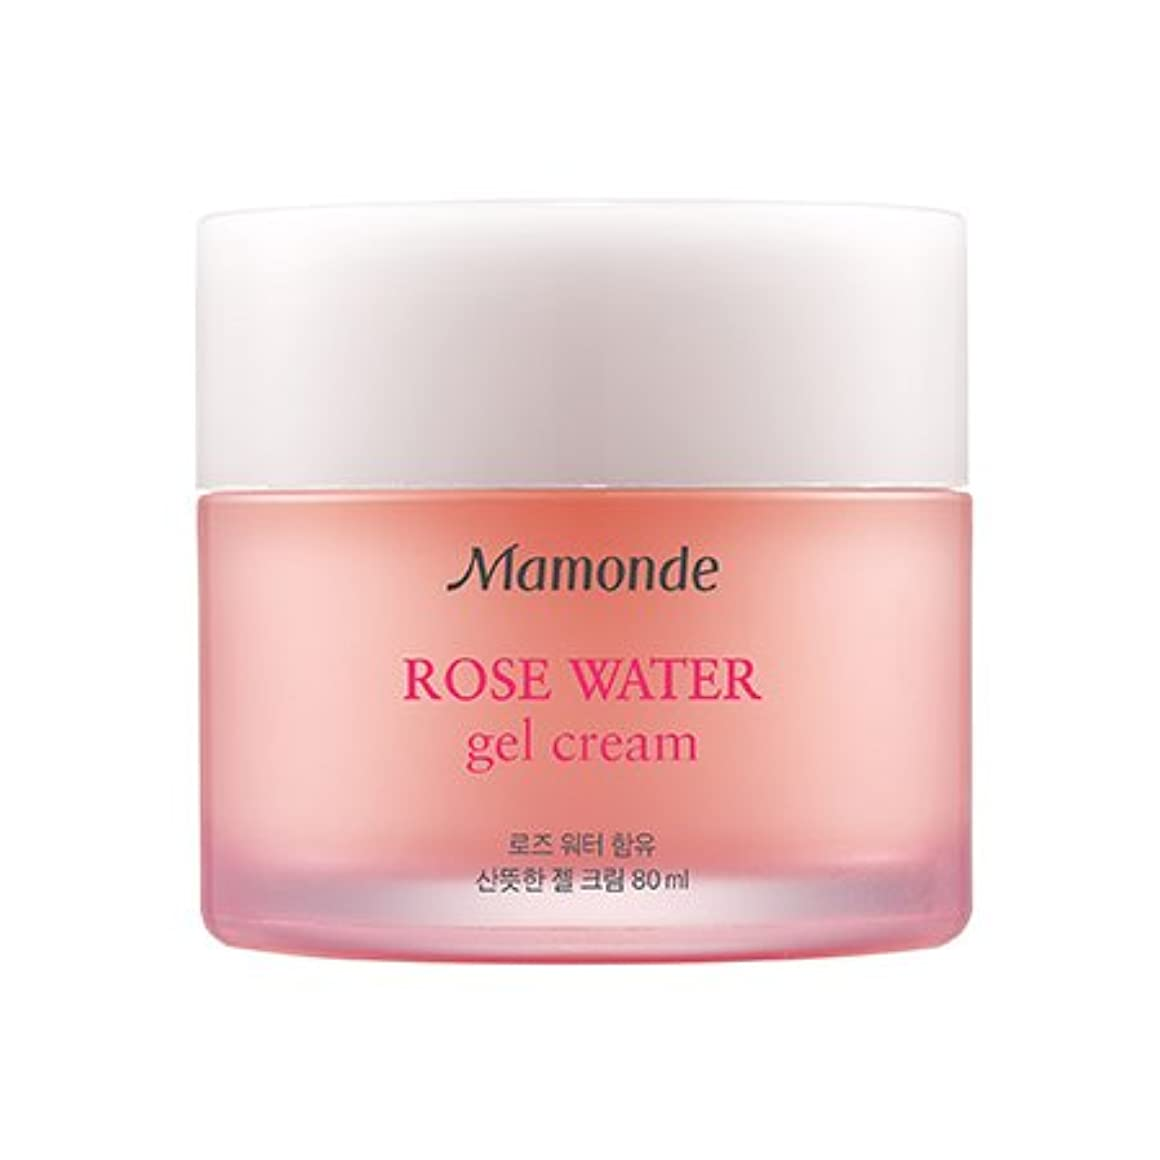 アルミニウム配分責任者Mamonde Rose Water Gel Cream 80ml/マモンド ローズ ウォーター ジェル クリーム 80ml [並行輸入品]